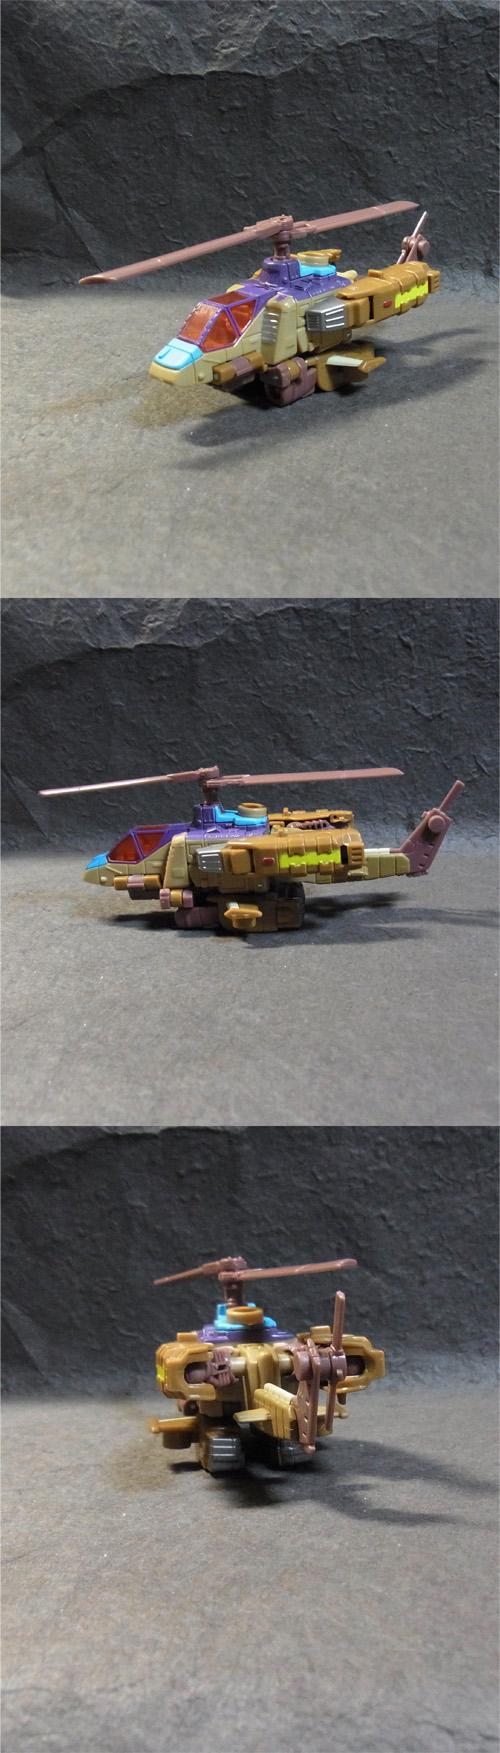 スウィンドルヘリ型3面